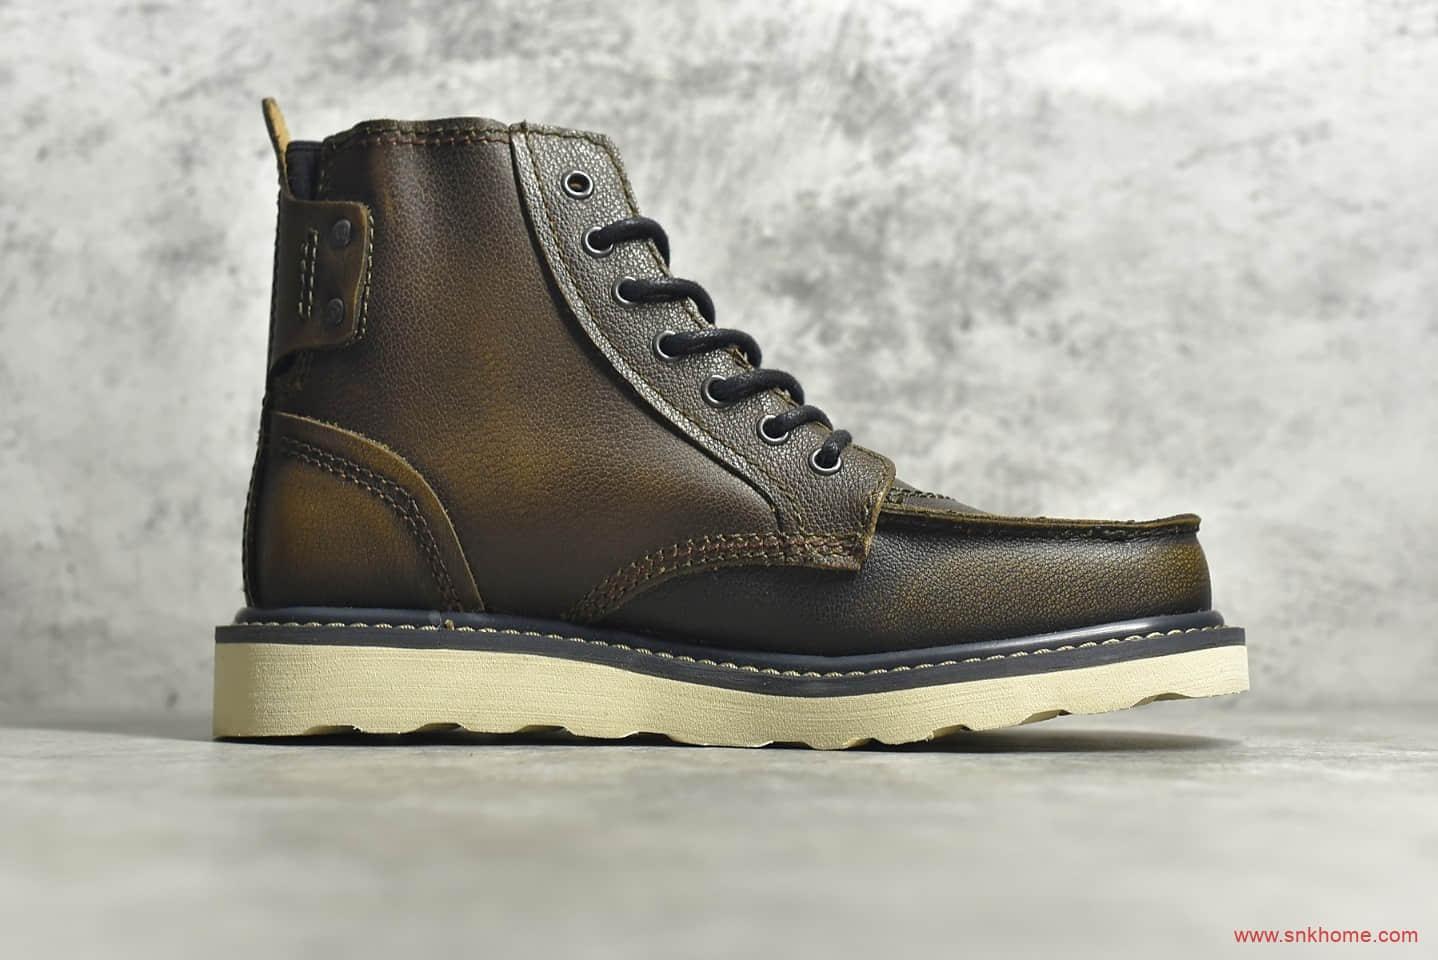 卡特高帮头层牛皮复古马丁靴 CAT FOOTWEAR P712950 CAT 卡特油腊皮进口品质原单卡特正品-潮流者之家